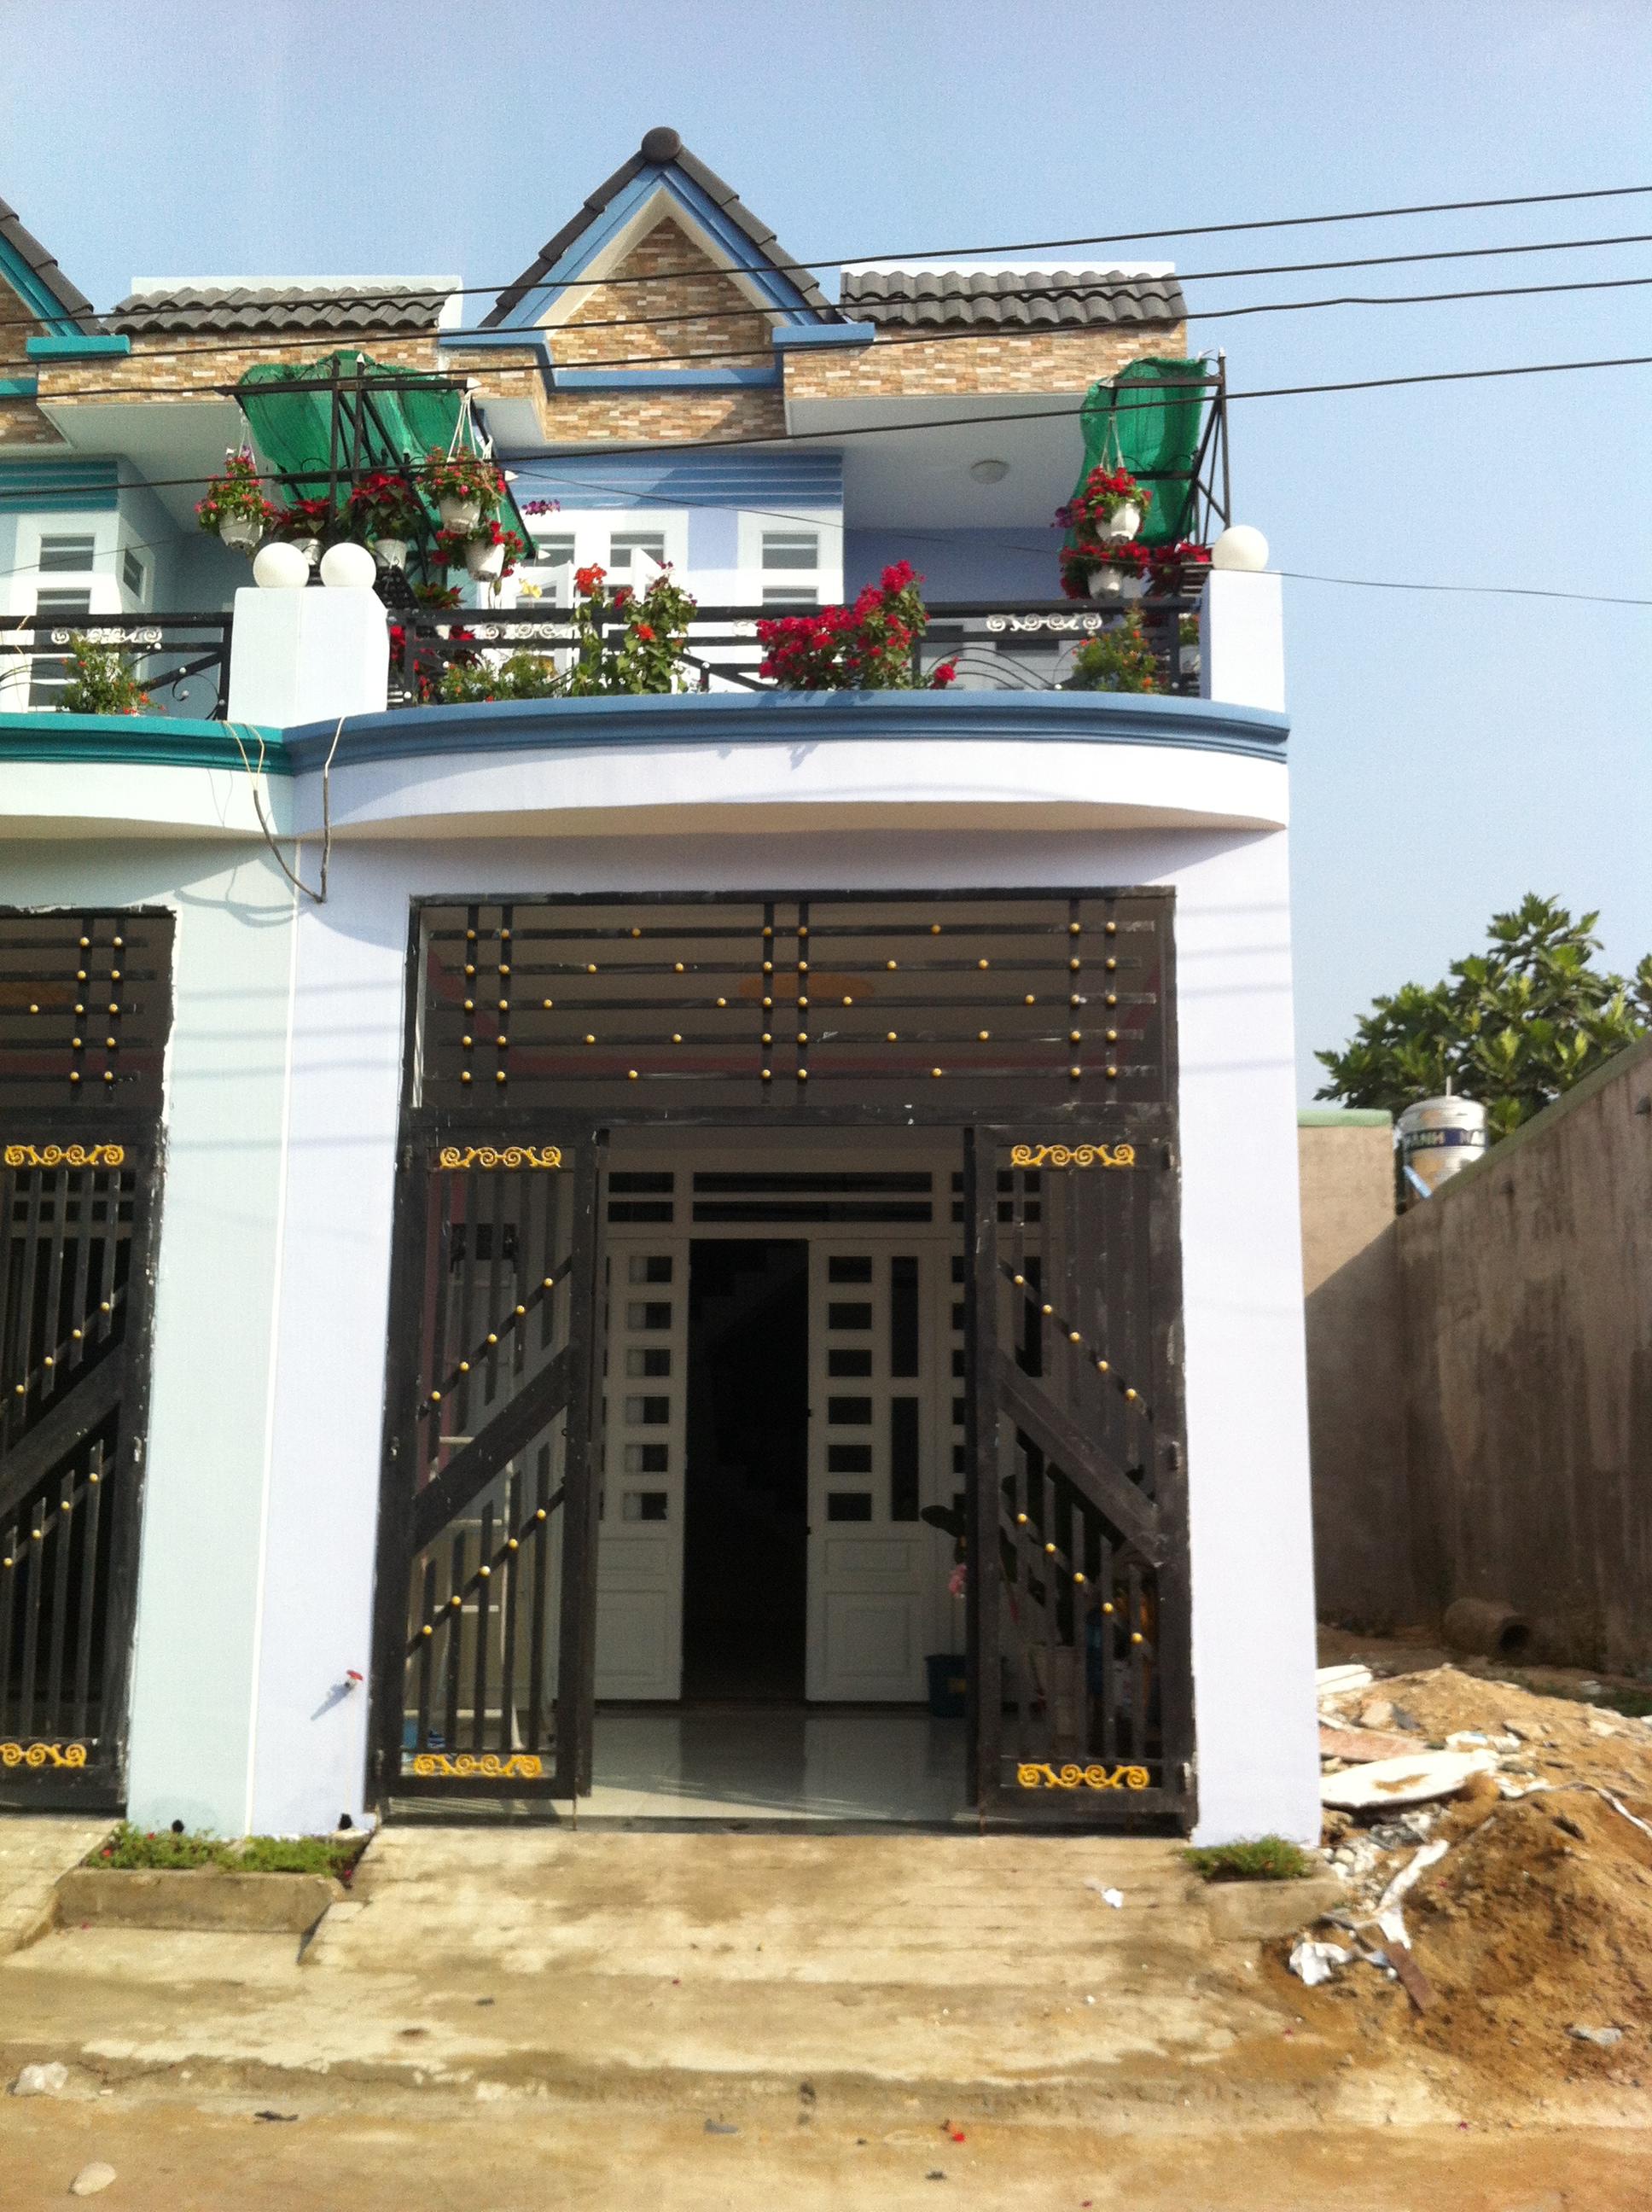 Phía trước Nhà cần bán nằm ngay cổng sau KCN Visip , KCN Vietnam singapore. KCN sóng thần 1,2 thị xã dĩ an